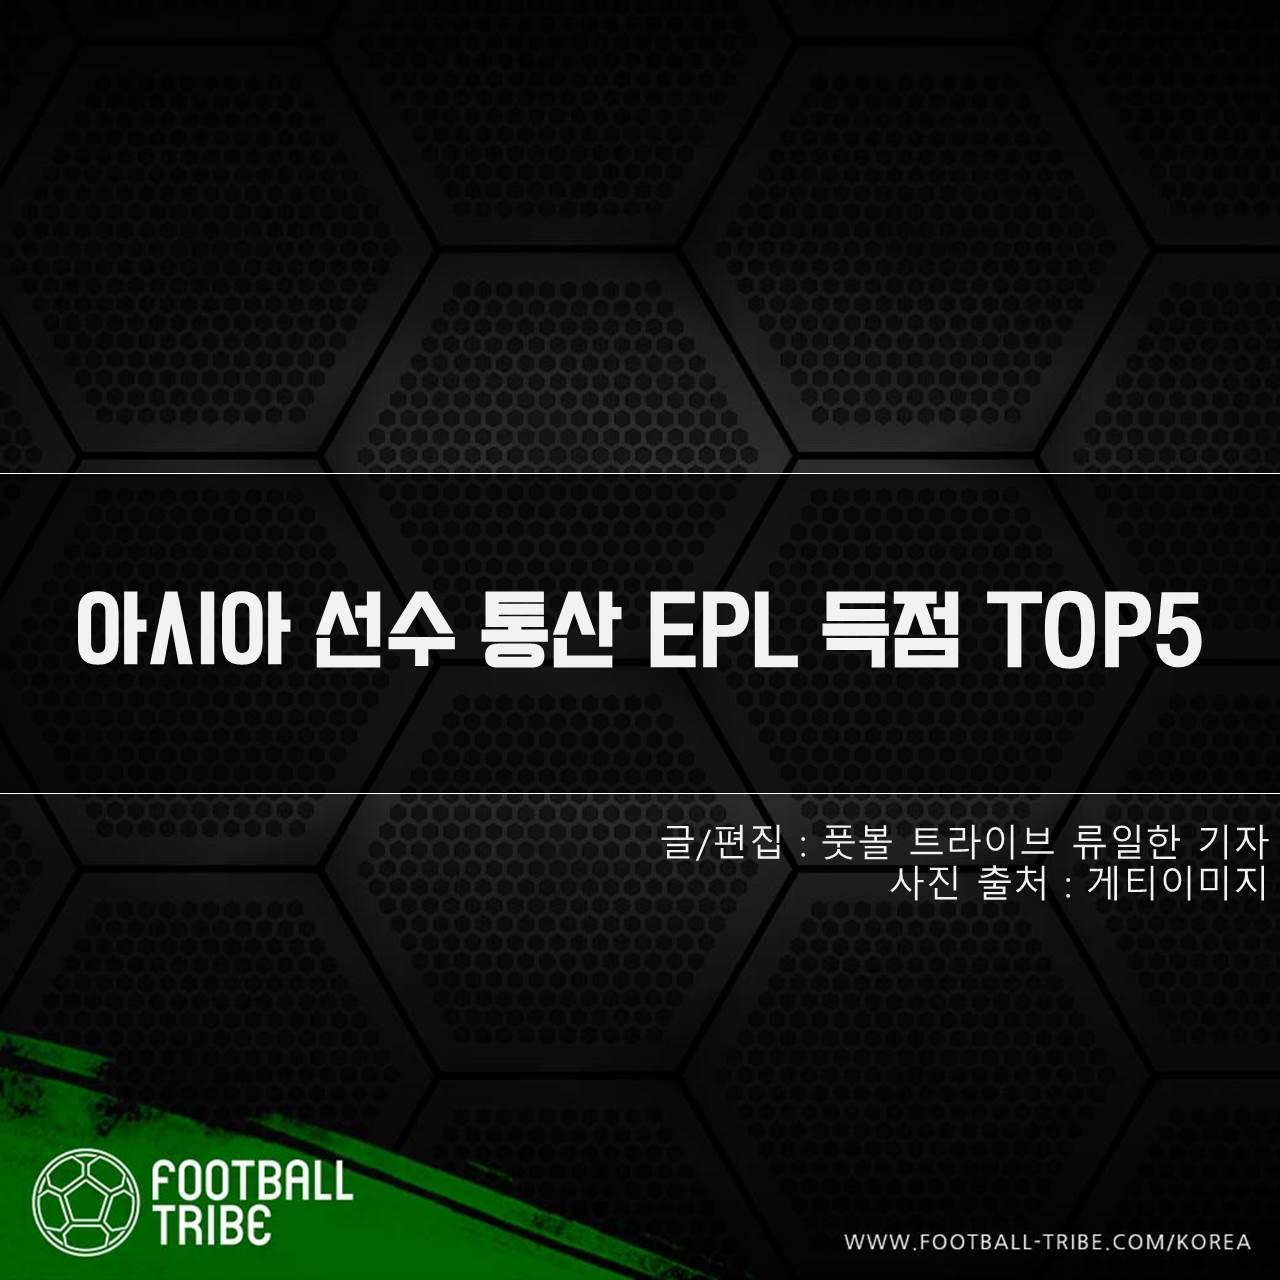 [카드 뉴스] 아시아 선수 통산 EPL 득점 TOP5